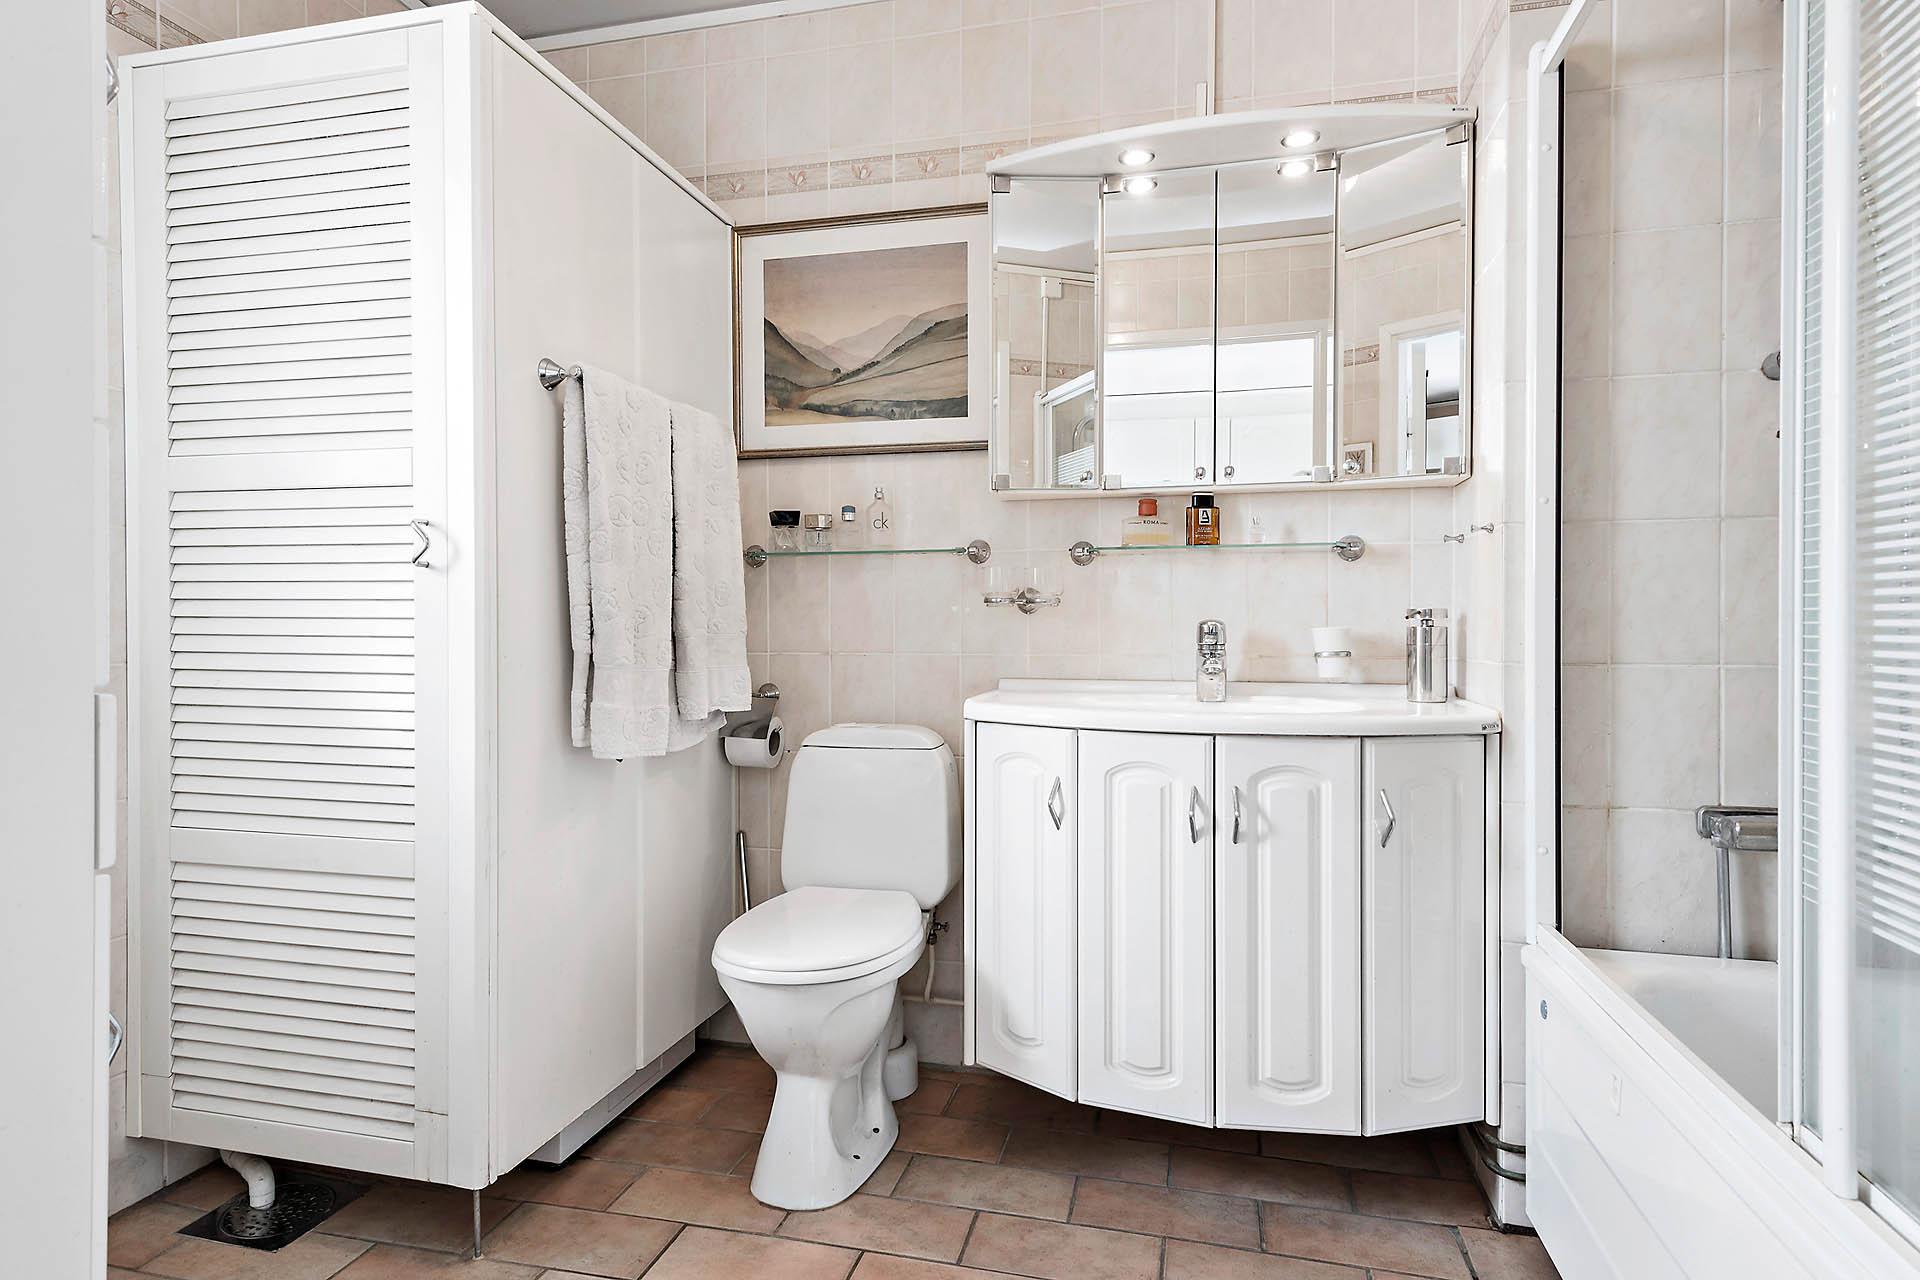 Badrummet med tvättdel